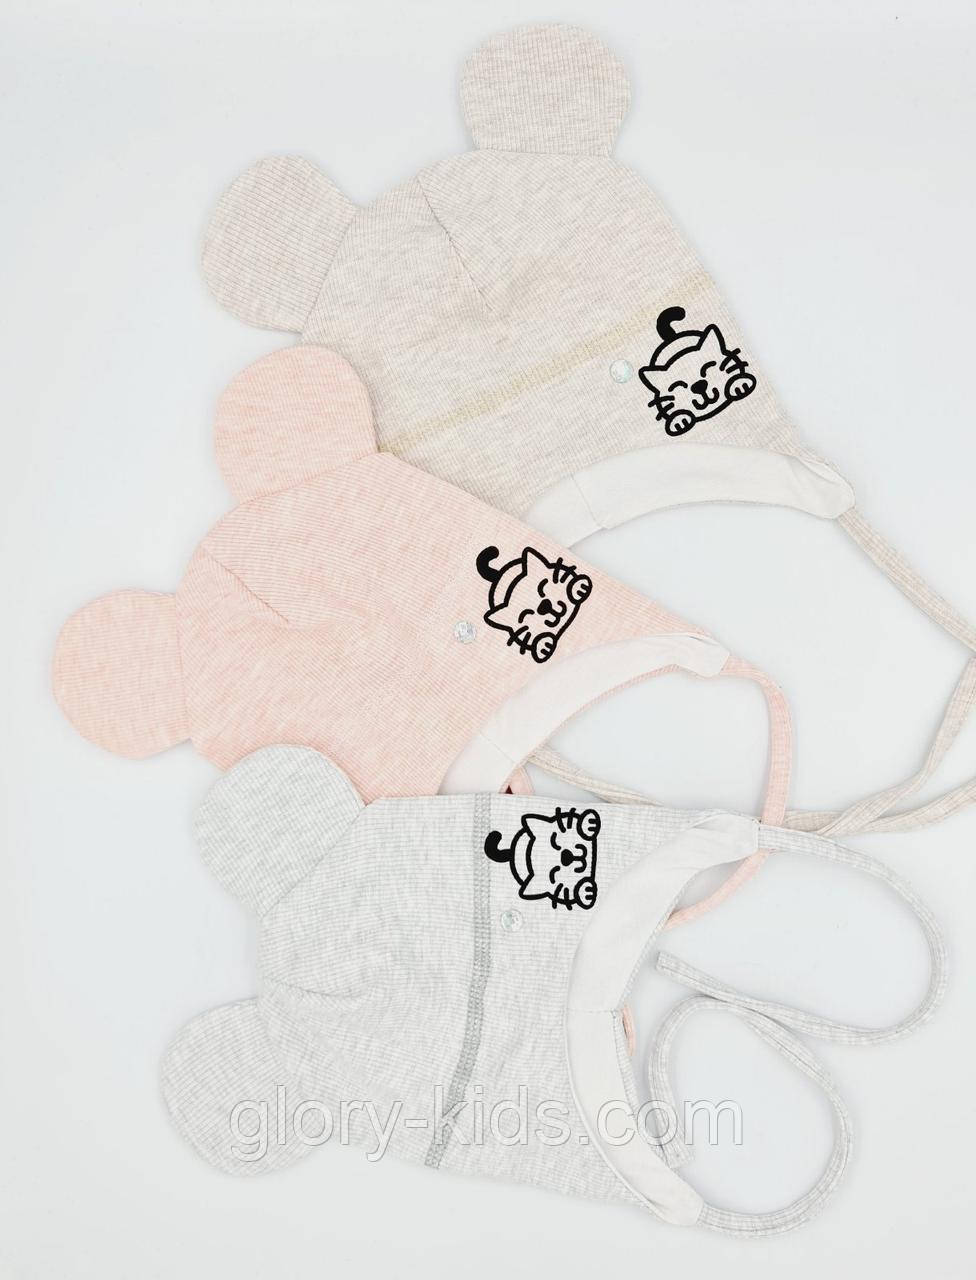 """Дитяча трикотажна шапочка з принтом на зав'язочках """"котик"""" 42-44 р код 3125"""